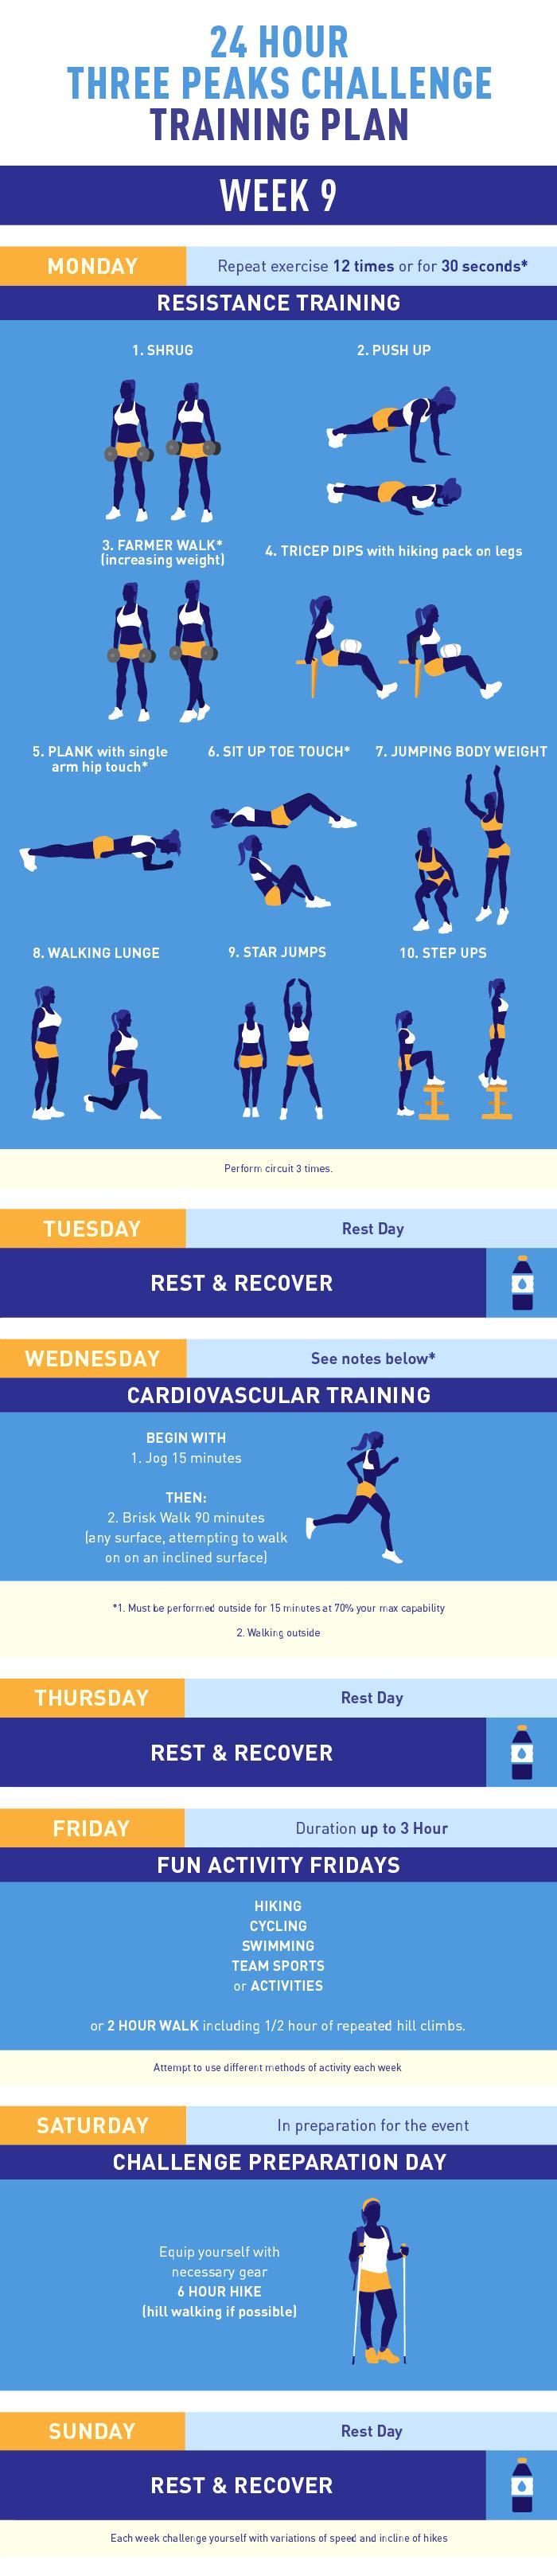 Three Peaks Challenge training plan week 9